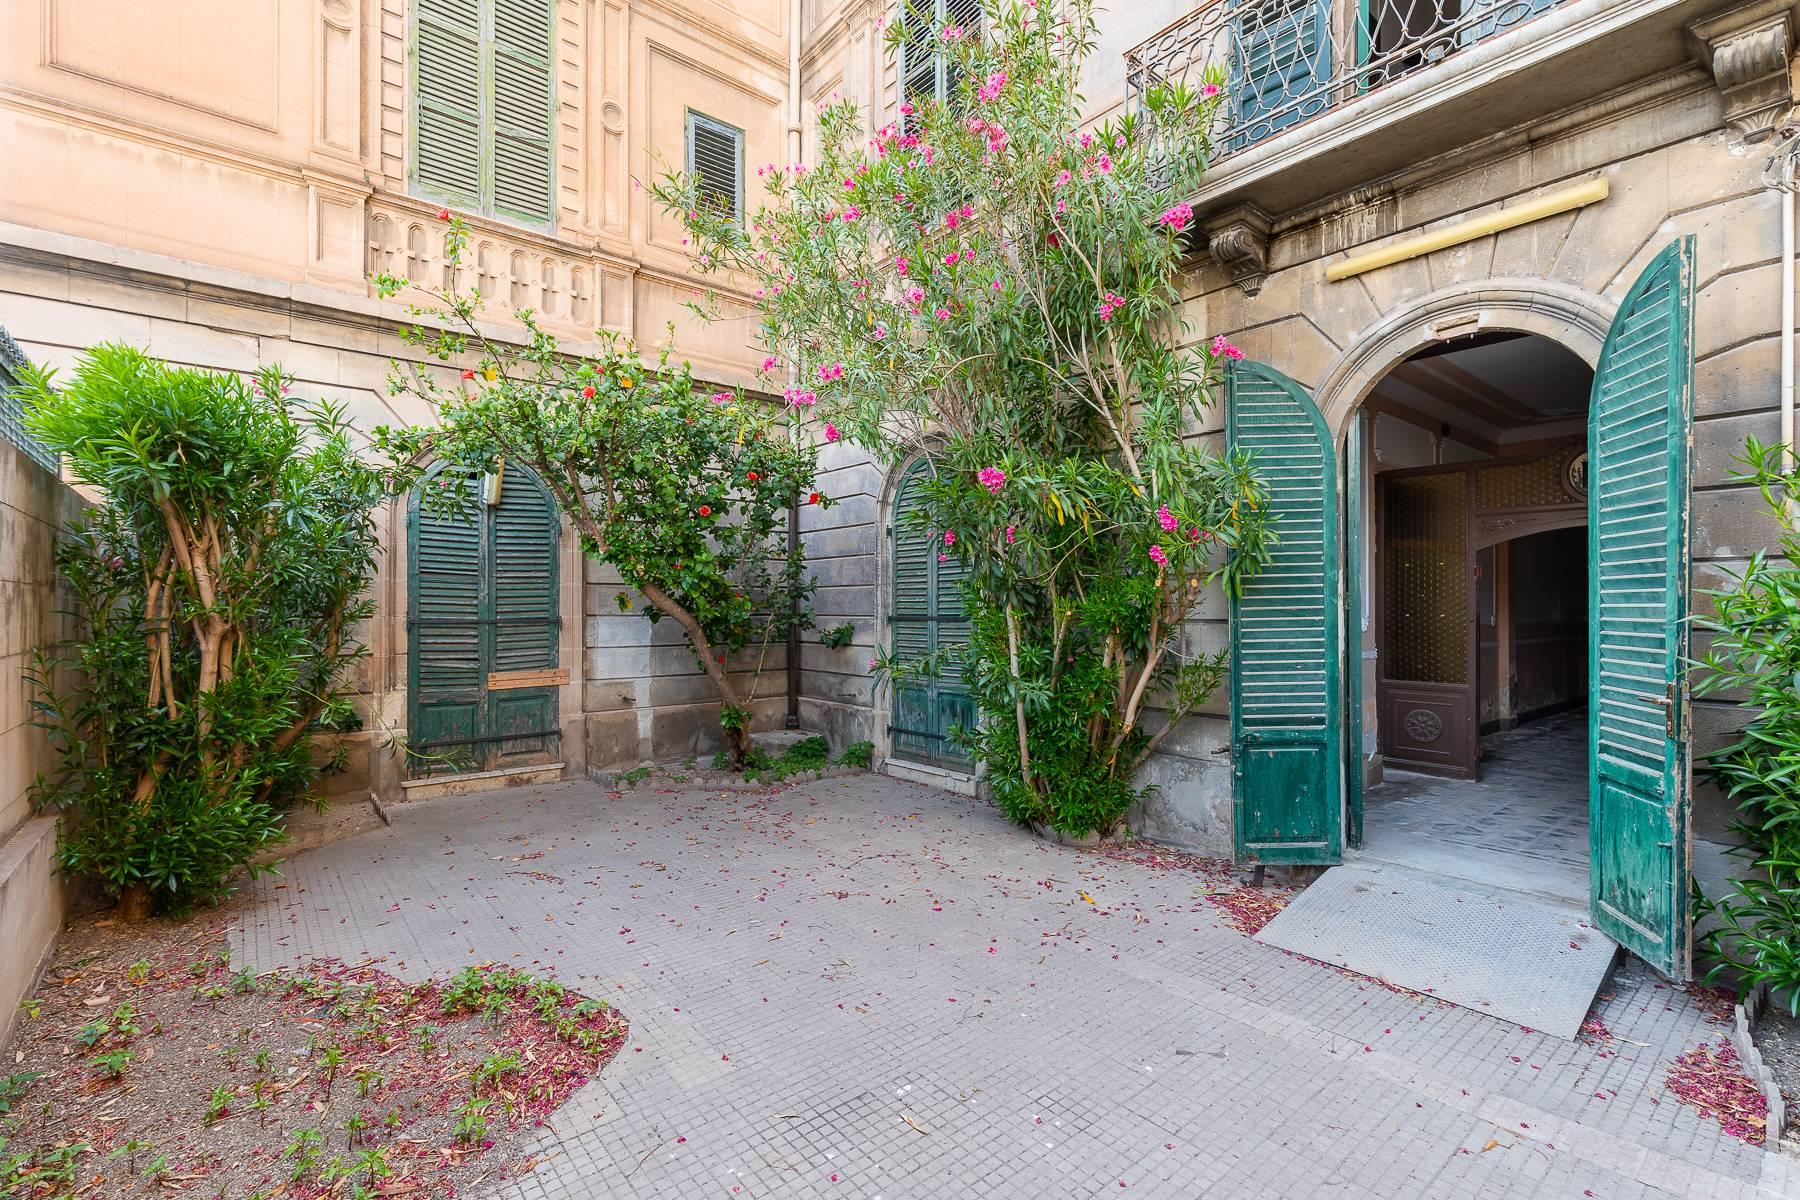 Casa indipendente in Vendita a Trapani: 5 locali, 740 mq - Foto 7